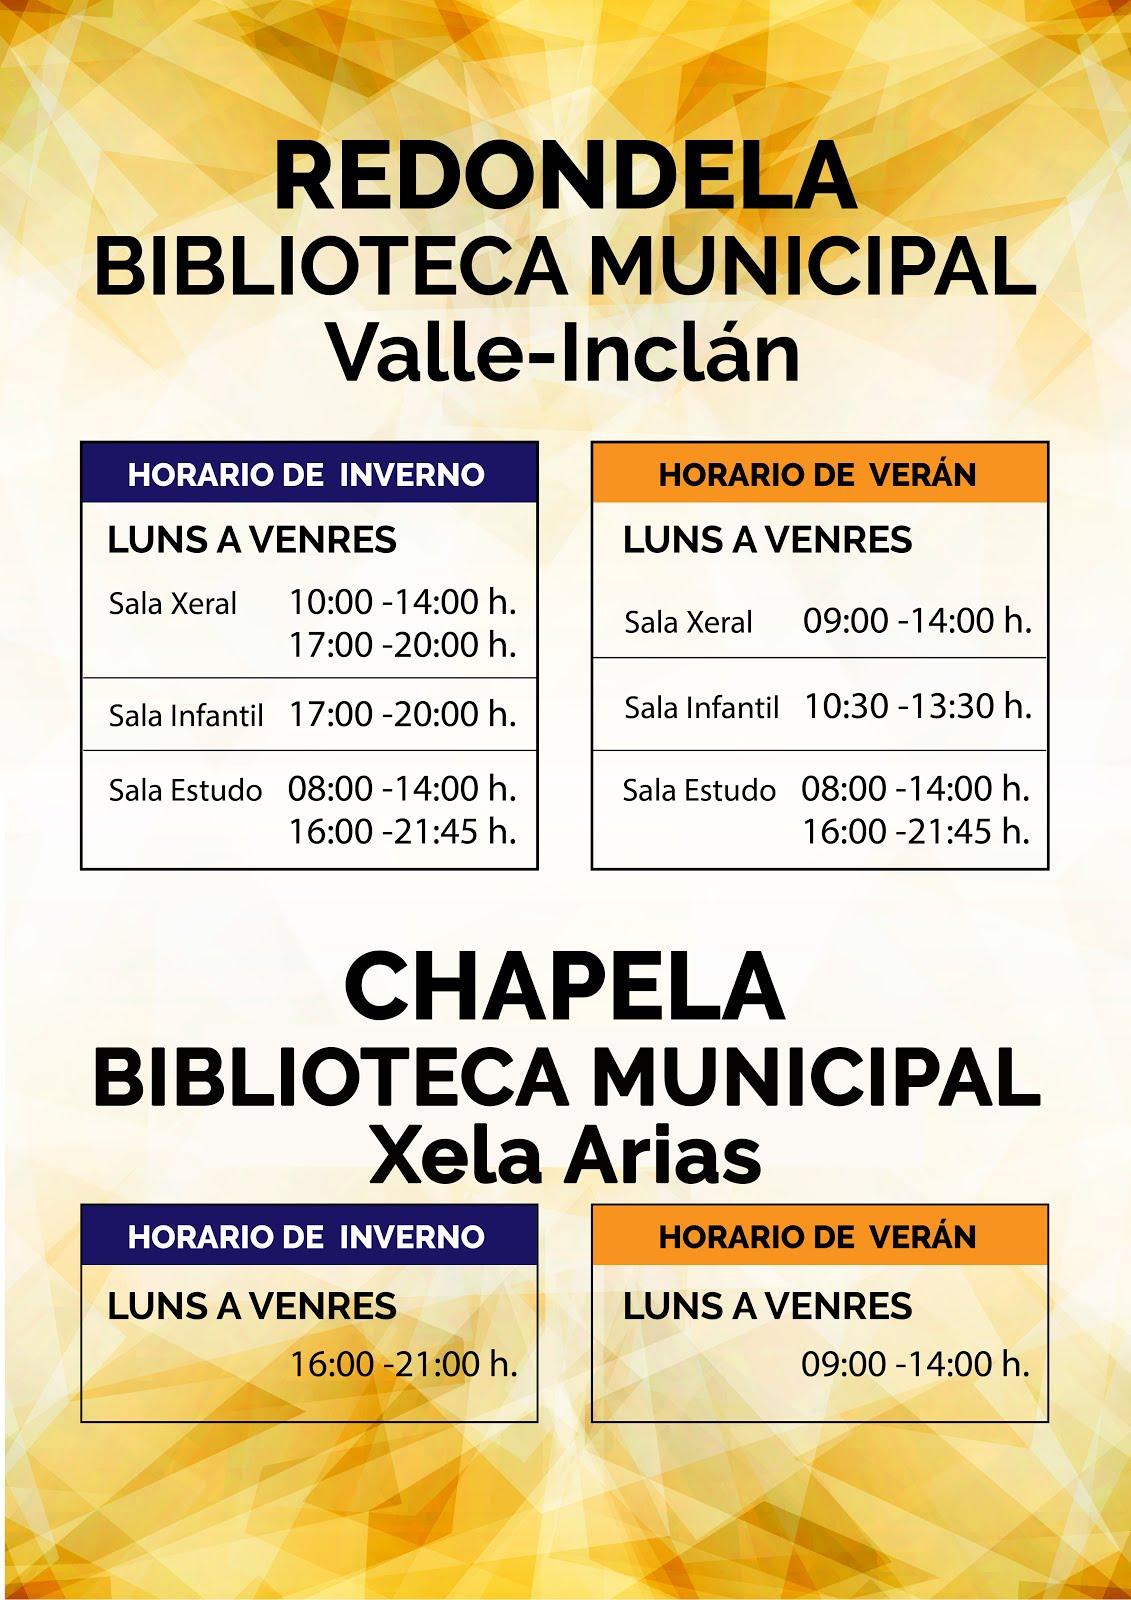 Horarios das bibliotecas municipais